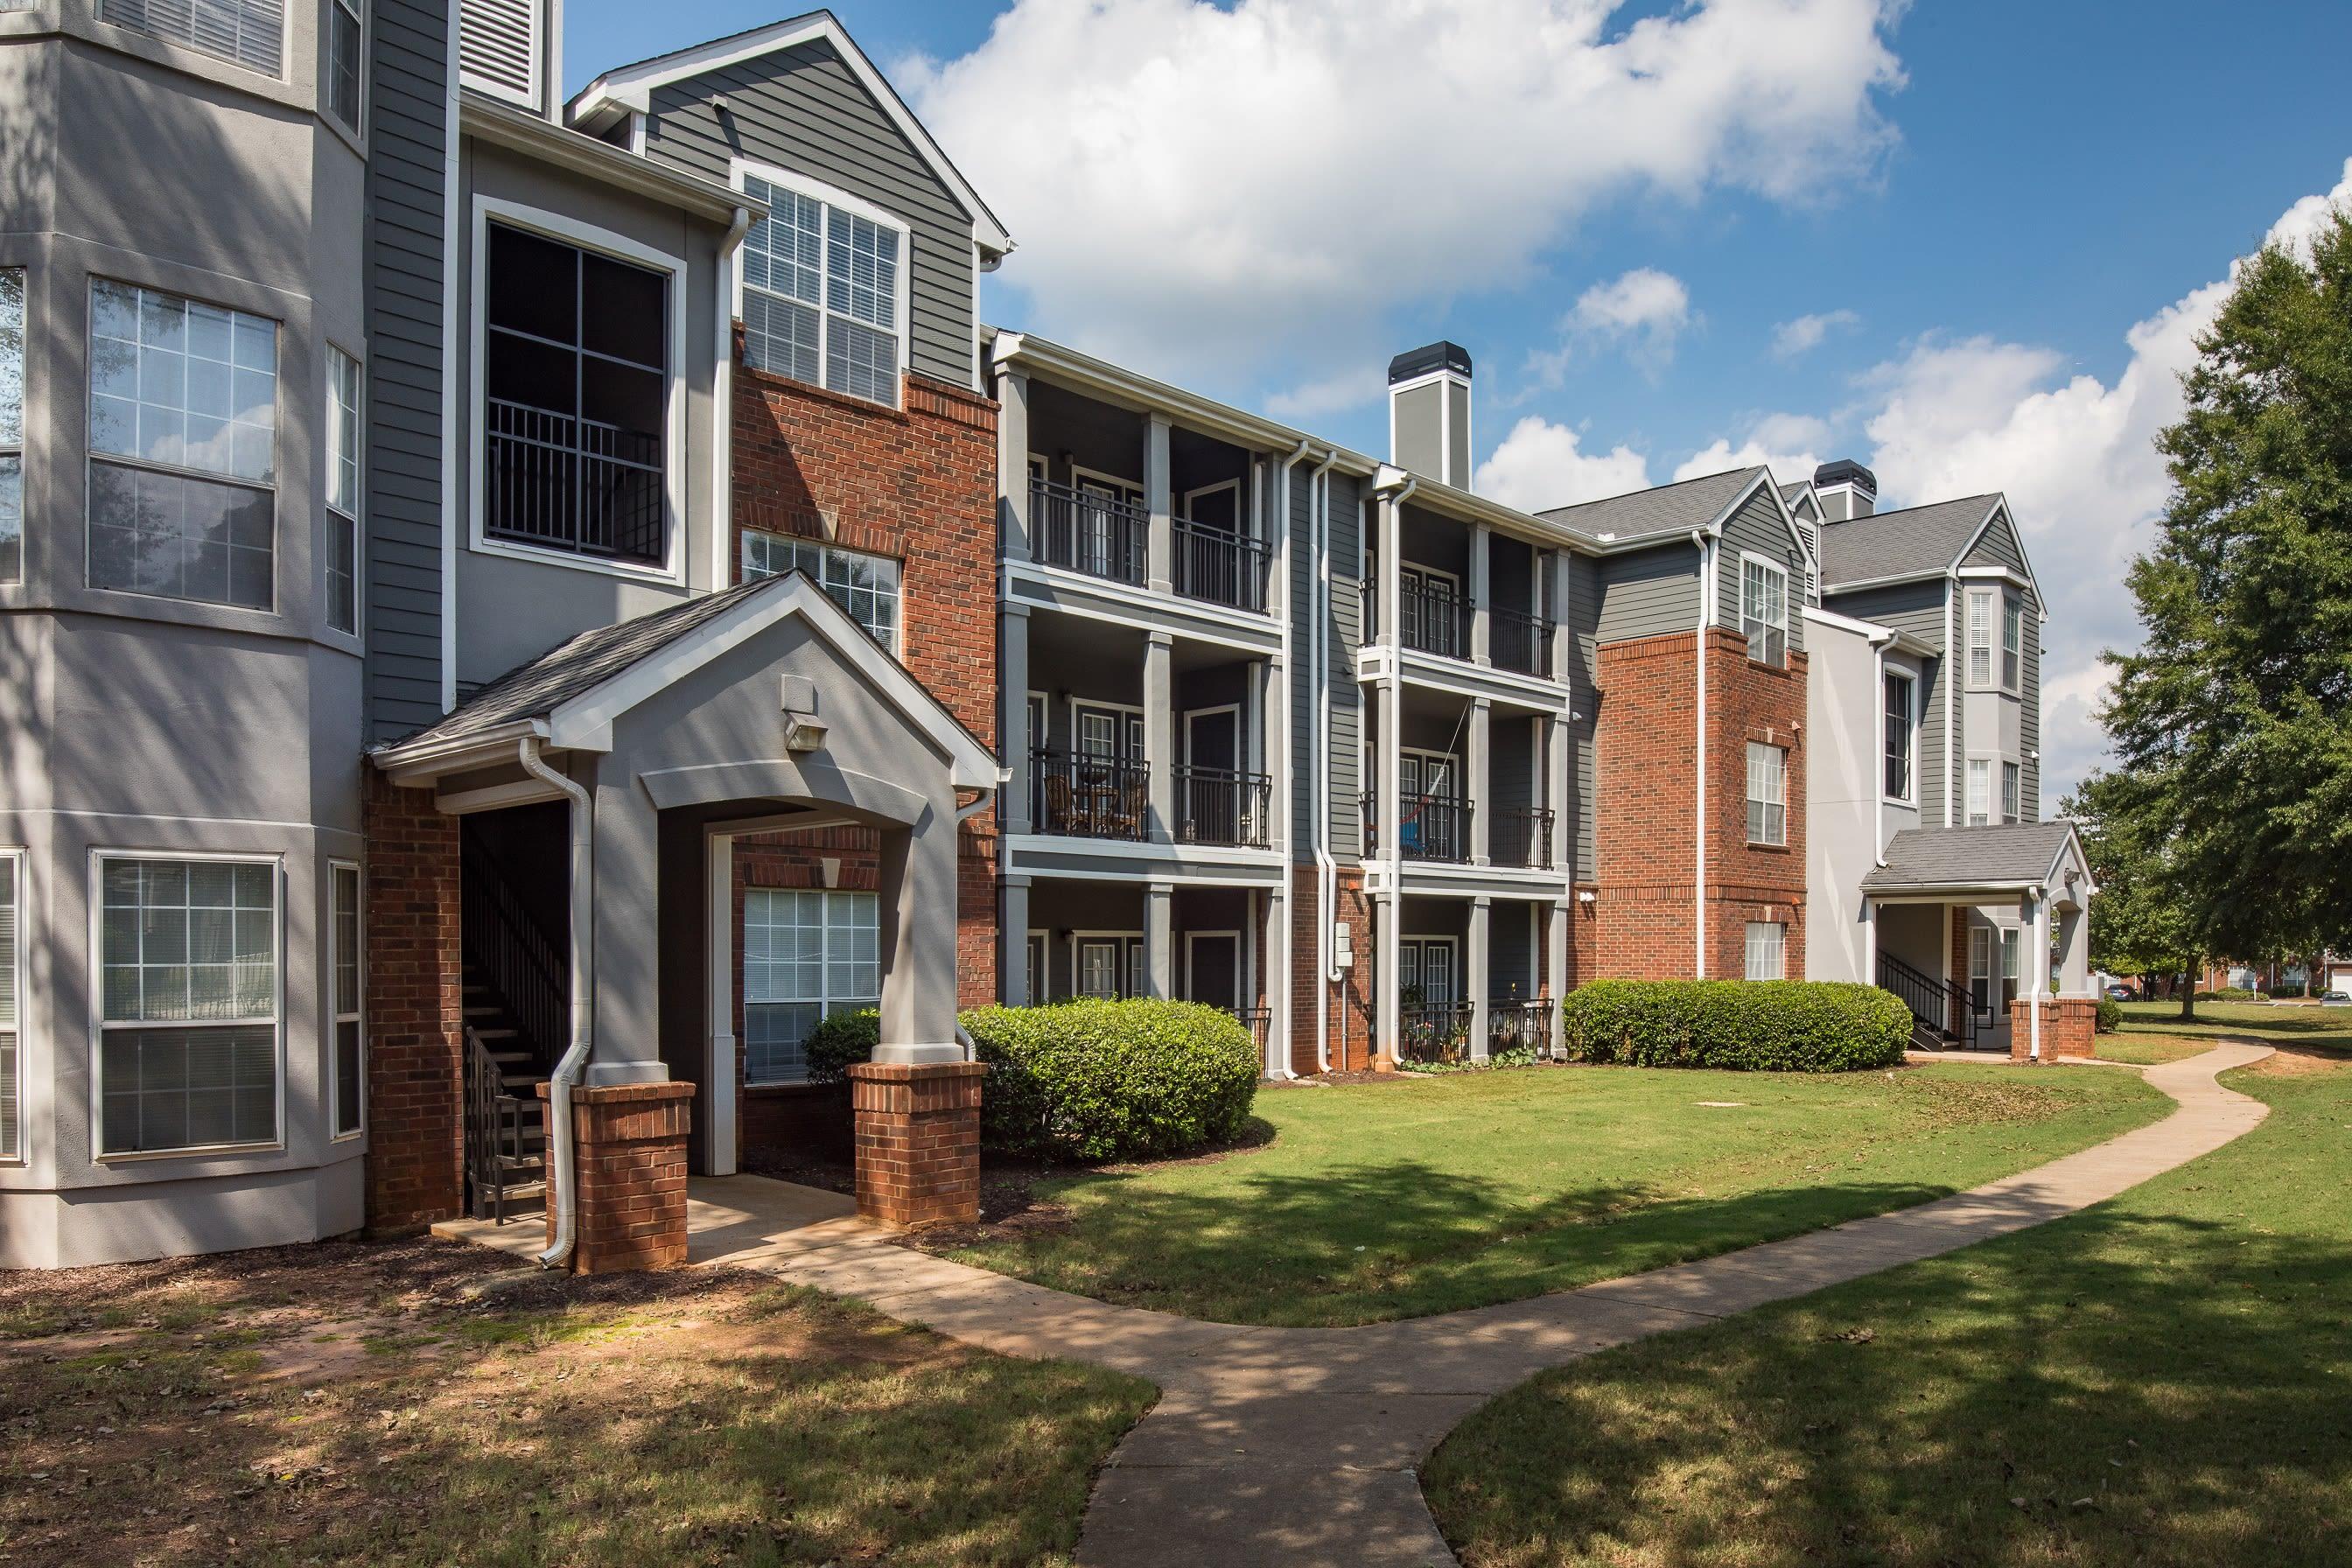 Beautifully created apartment homes at Parc at 980